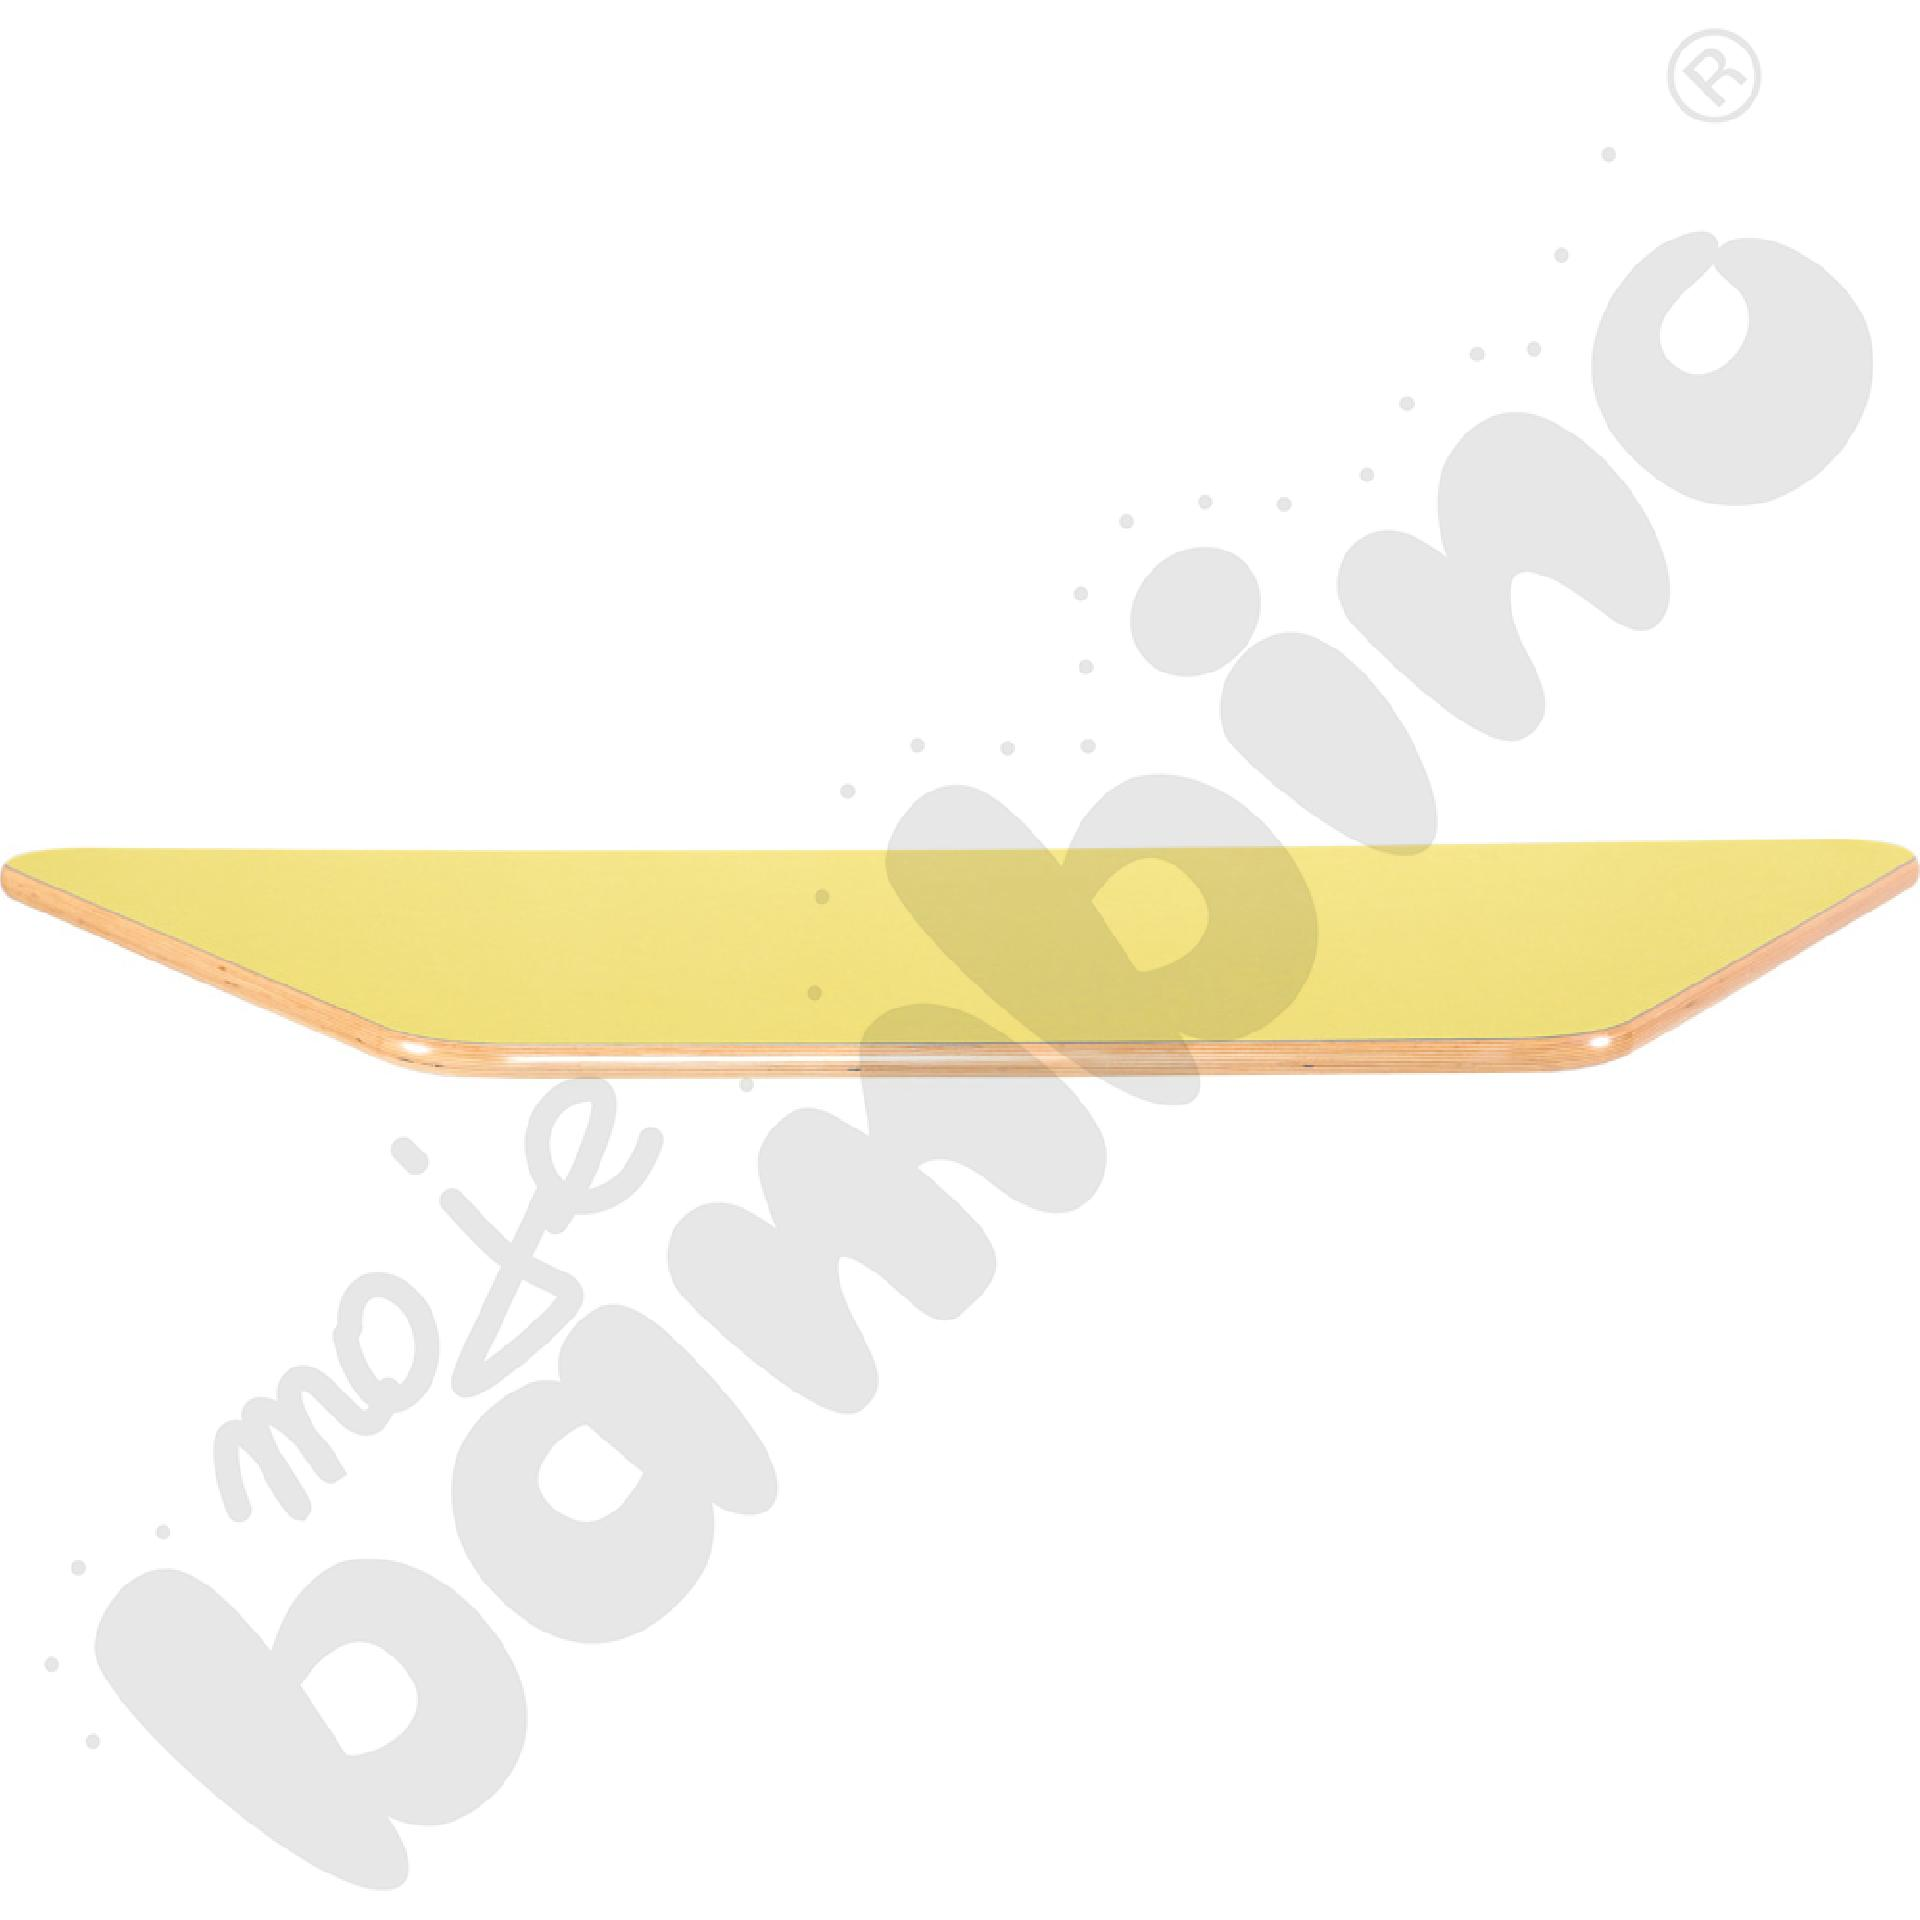 Blat Flexi trapezowy- żółty